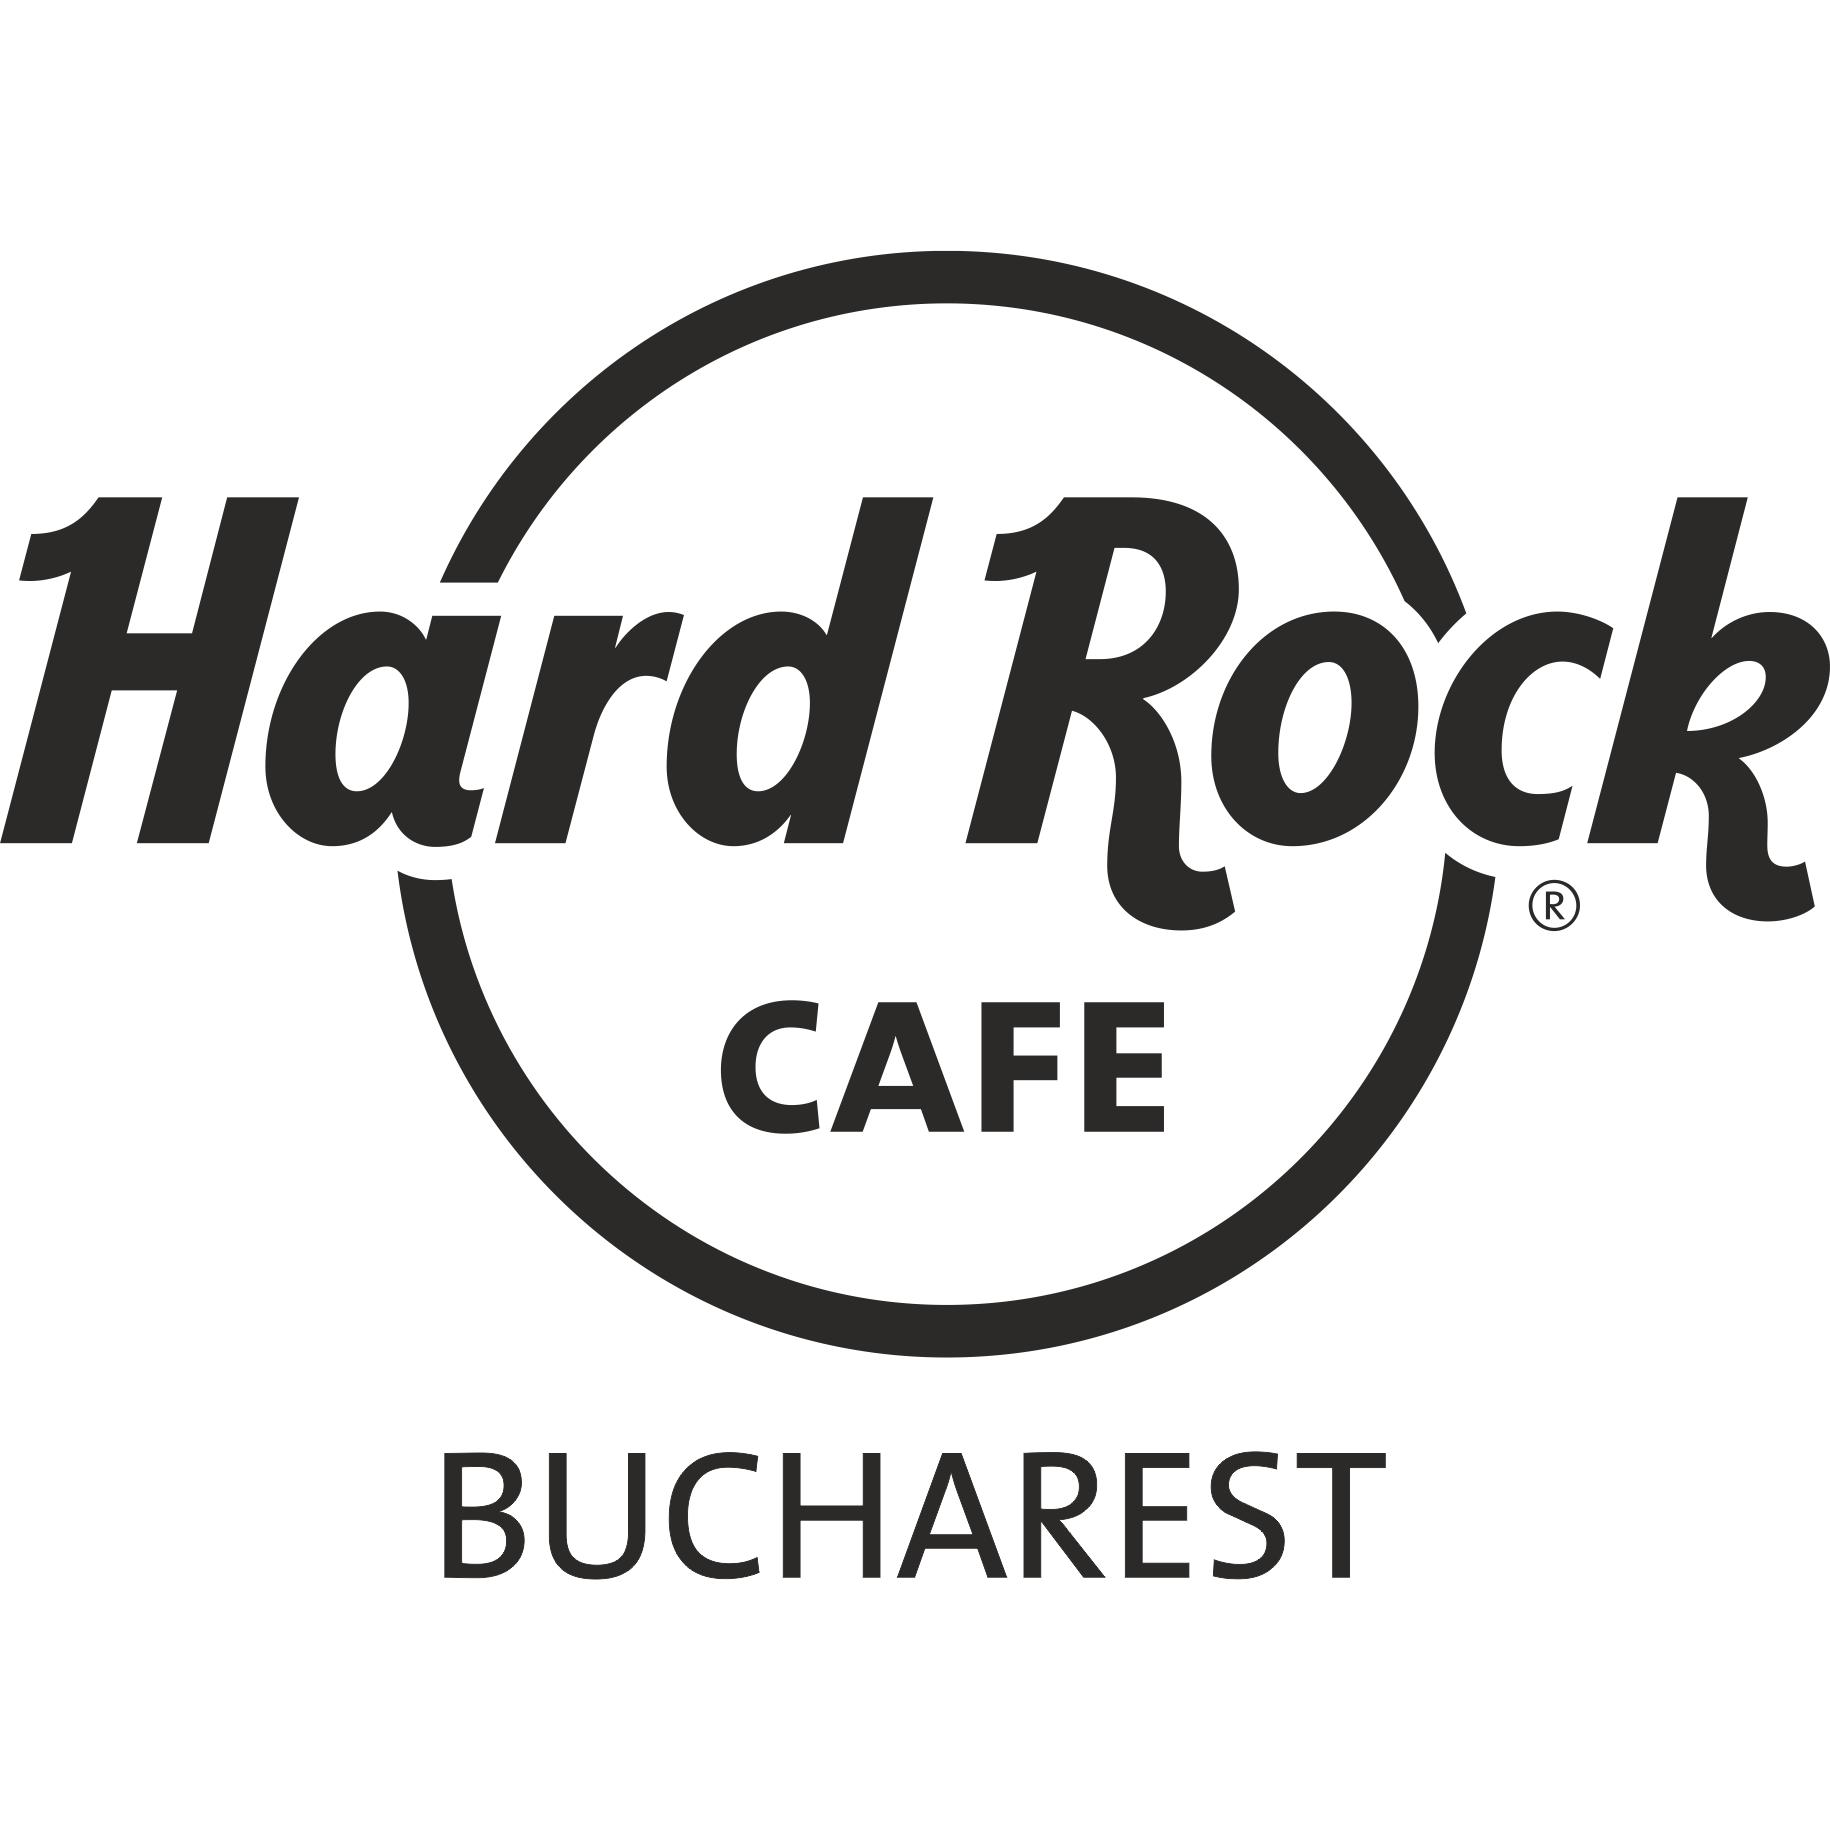 Hard rock cafe frankfurt am main